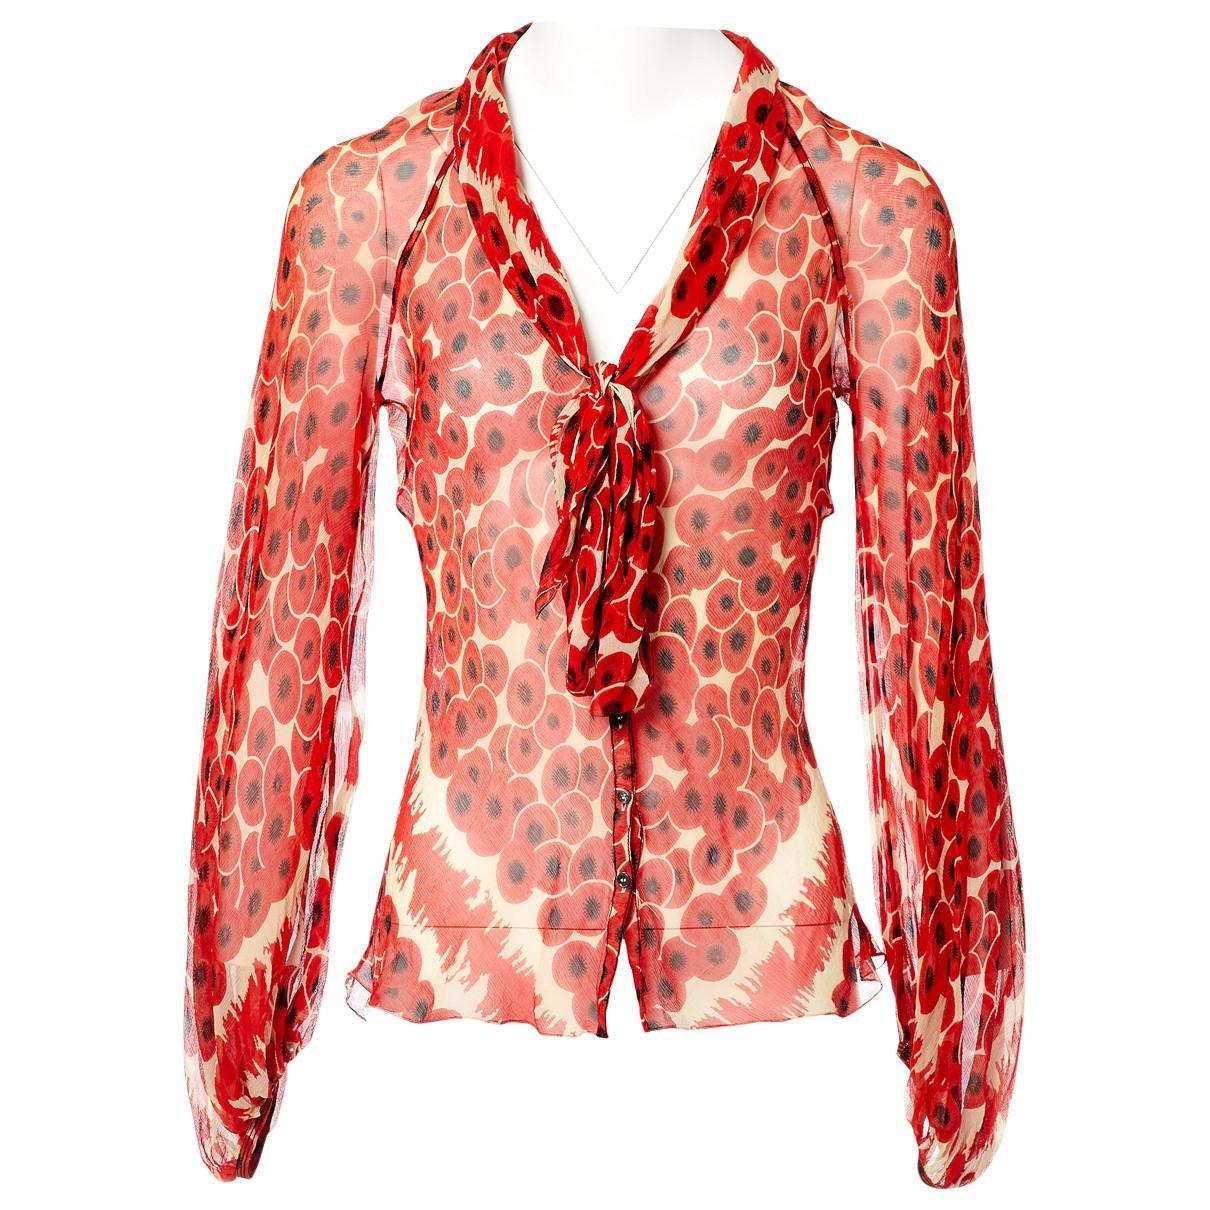 835a76287eb Hermès Red Silk Top in Red - Lyst